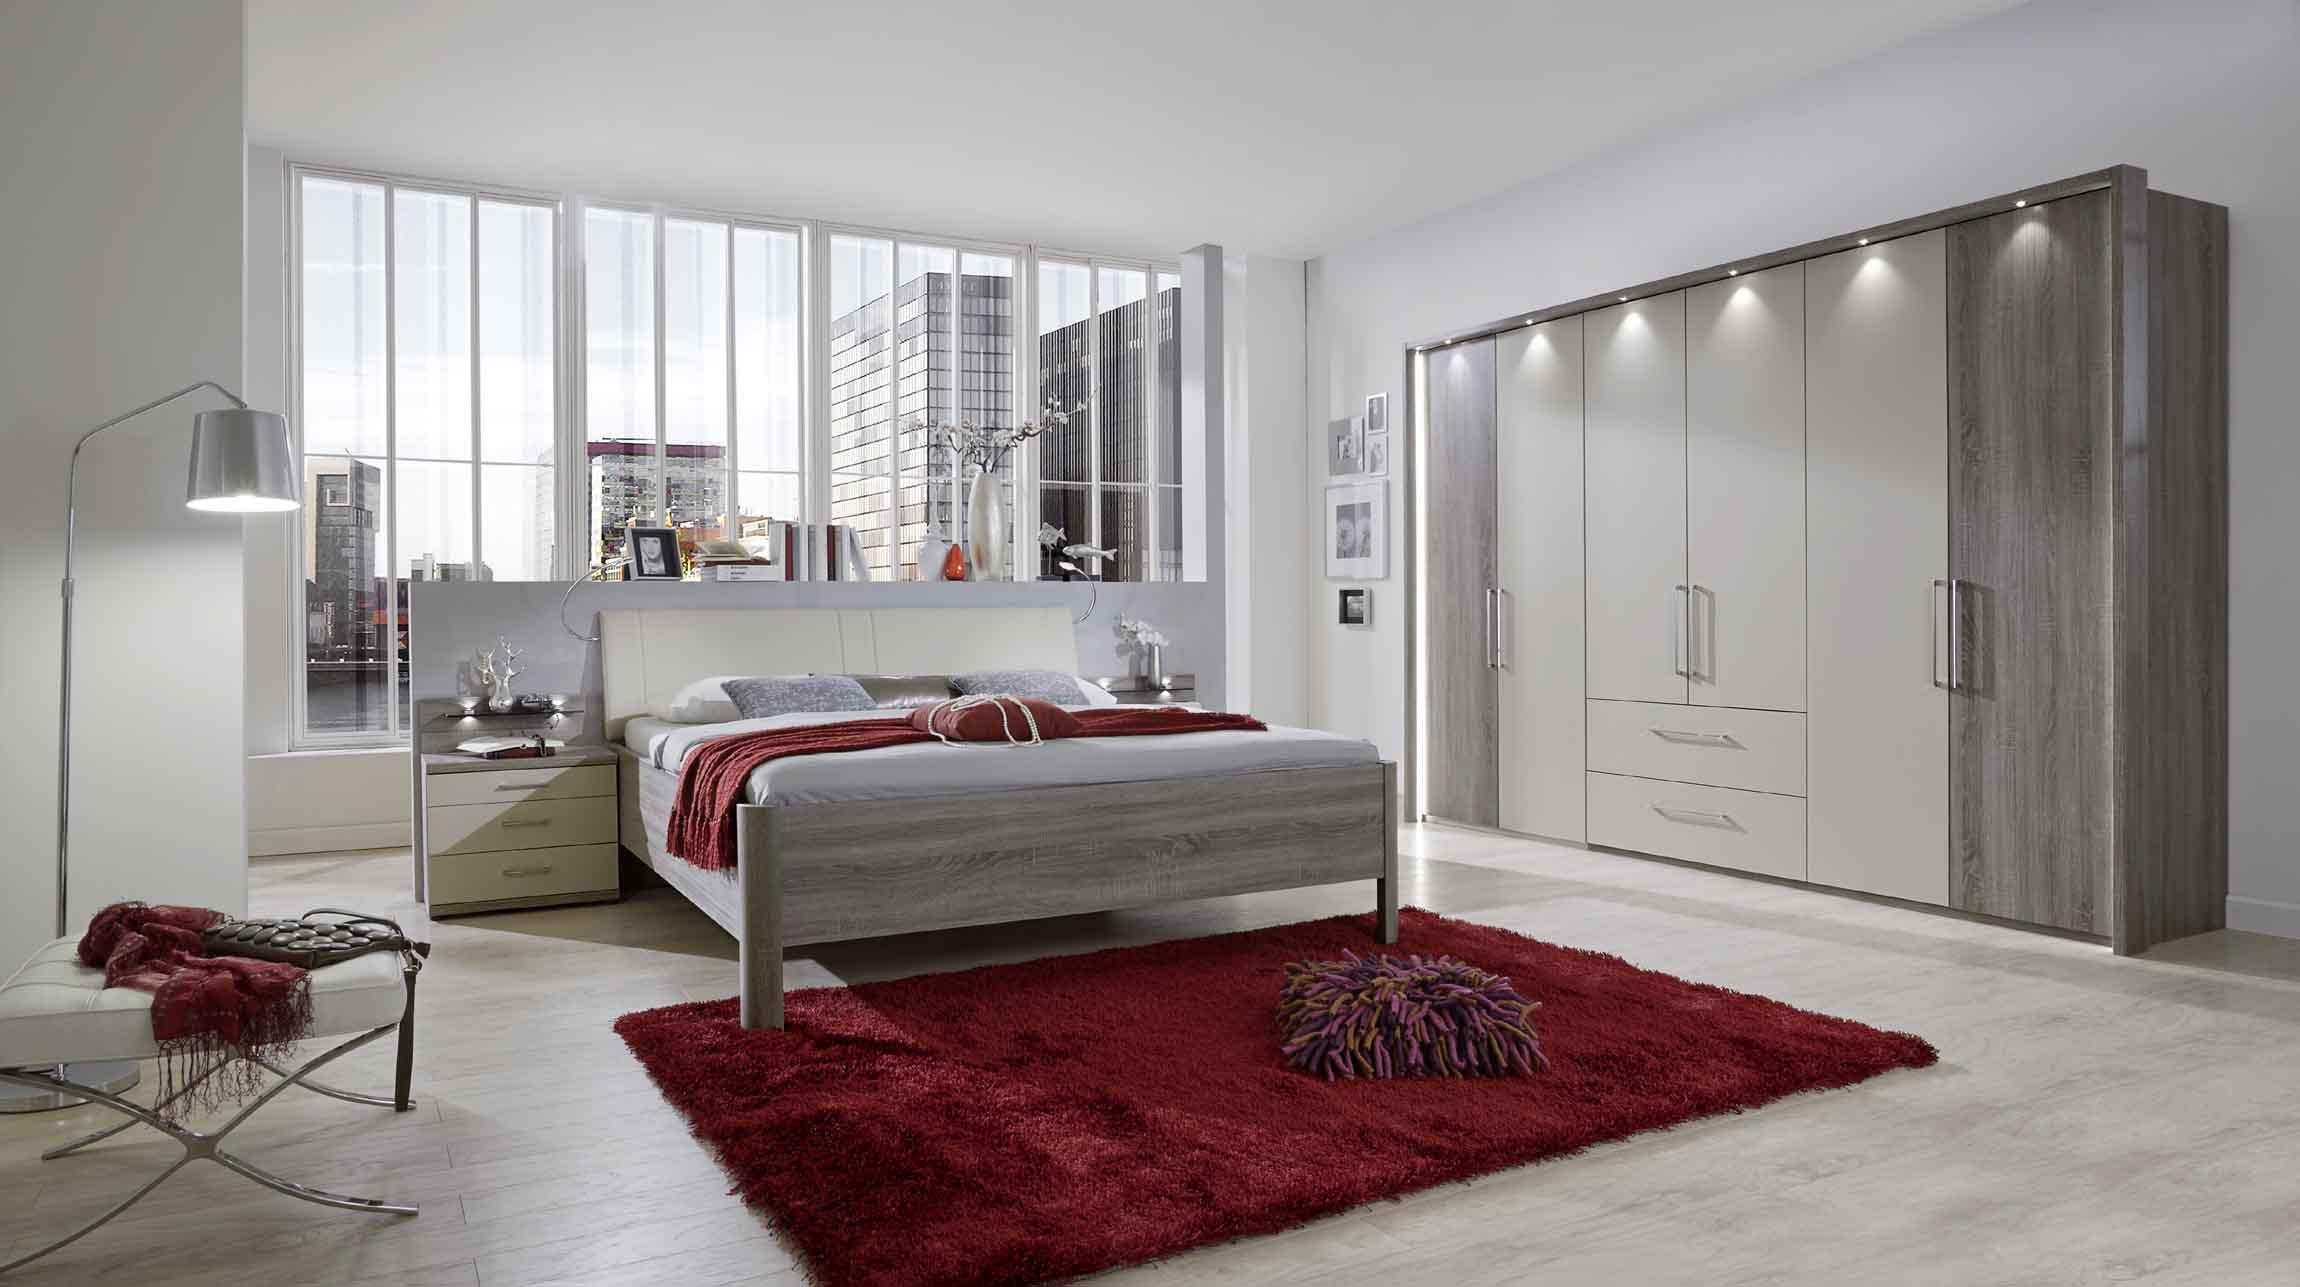 schlafzimmer wiemann andorra in tr ffeleiche absatz champagner massiva m. Black Bedroom Furniture Sets. Home Design Ideas